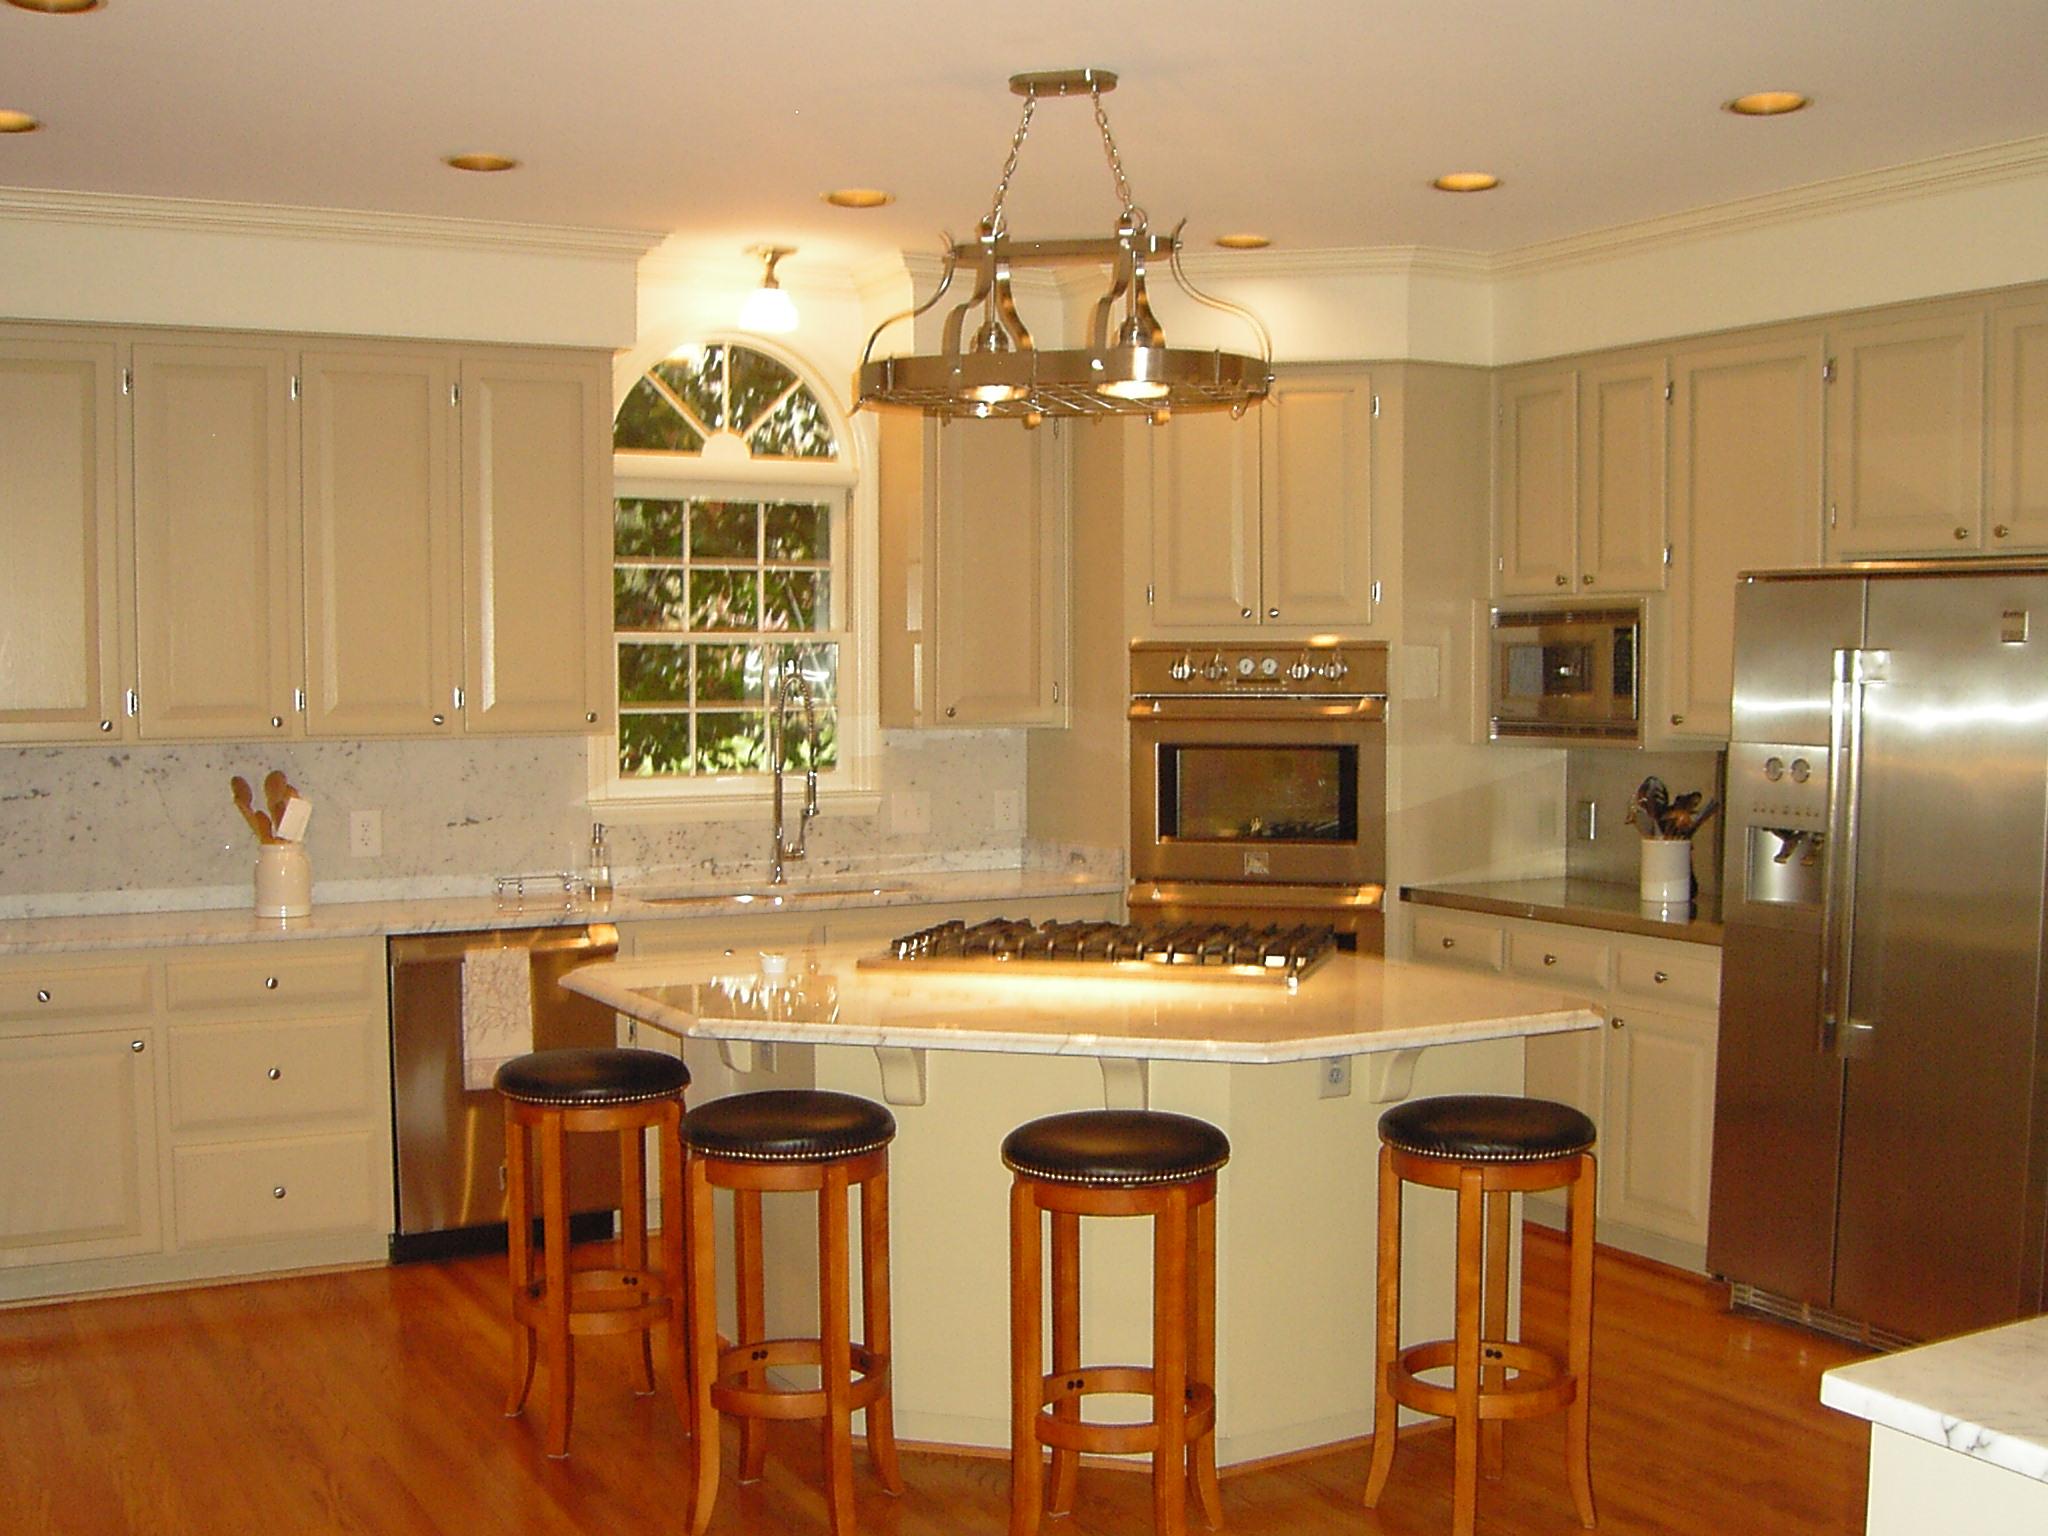 Kitchen cabinets 2009